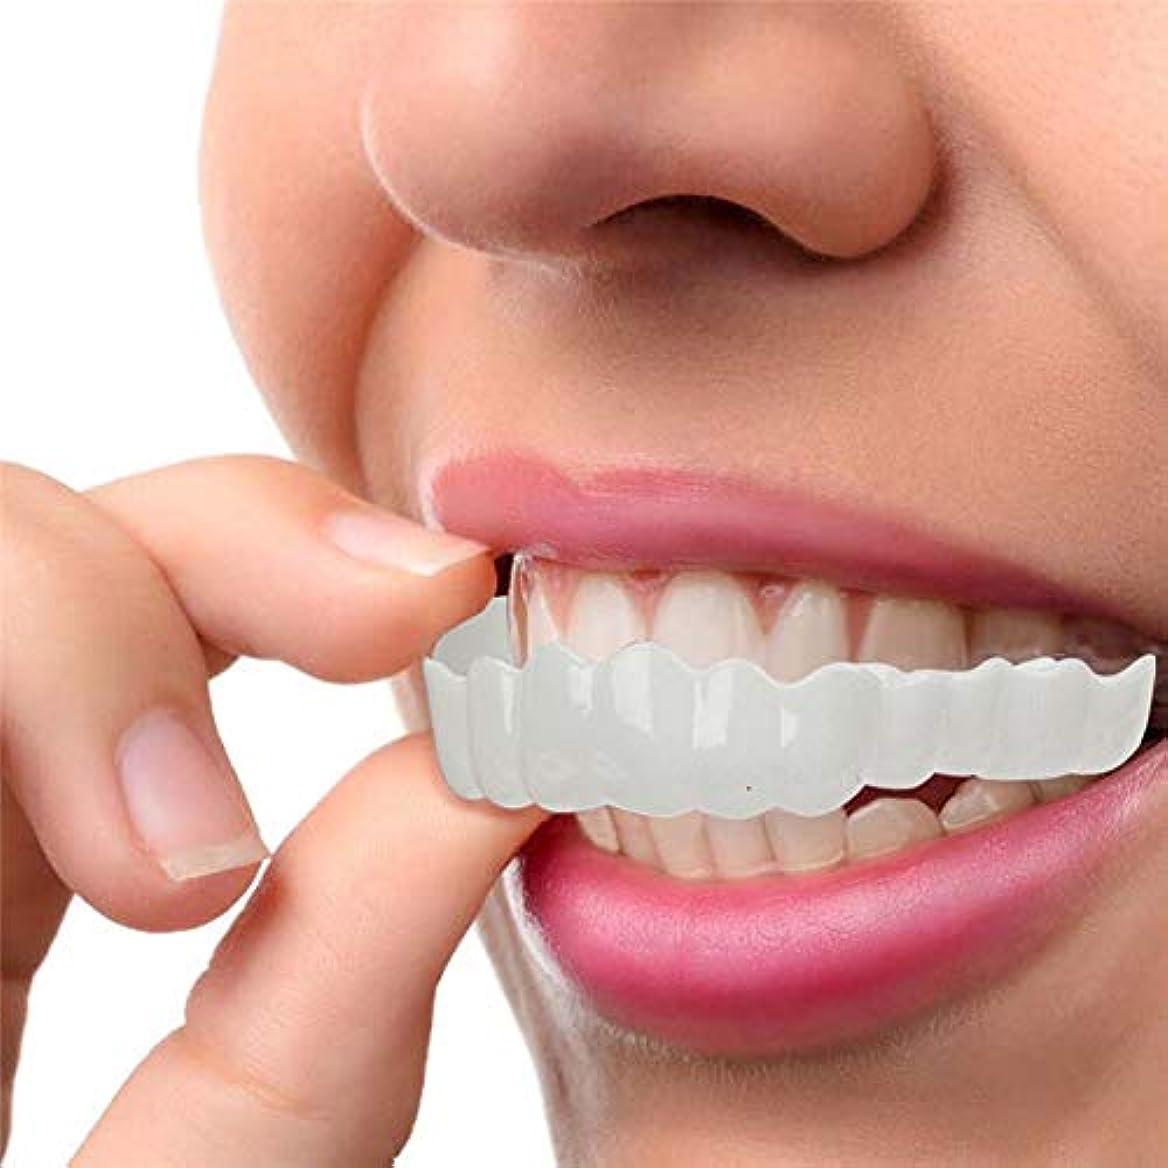 中抽選疲れた化粧品の歯、白い歯をきれいにするコンフォートフィットフレックス歯ソケット、超快適、快適なフィット感、3セット